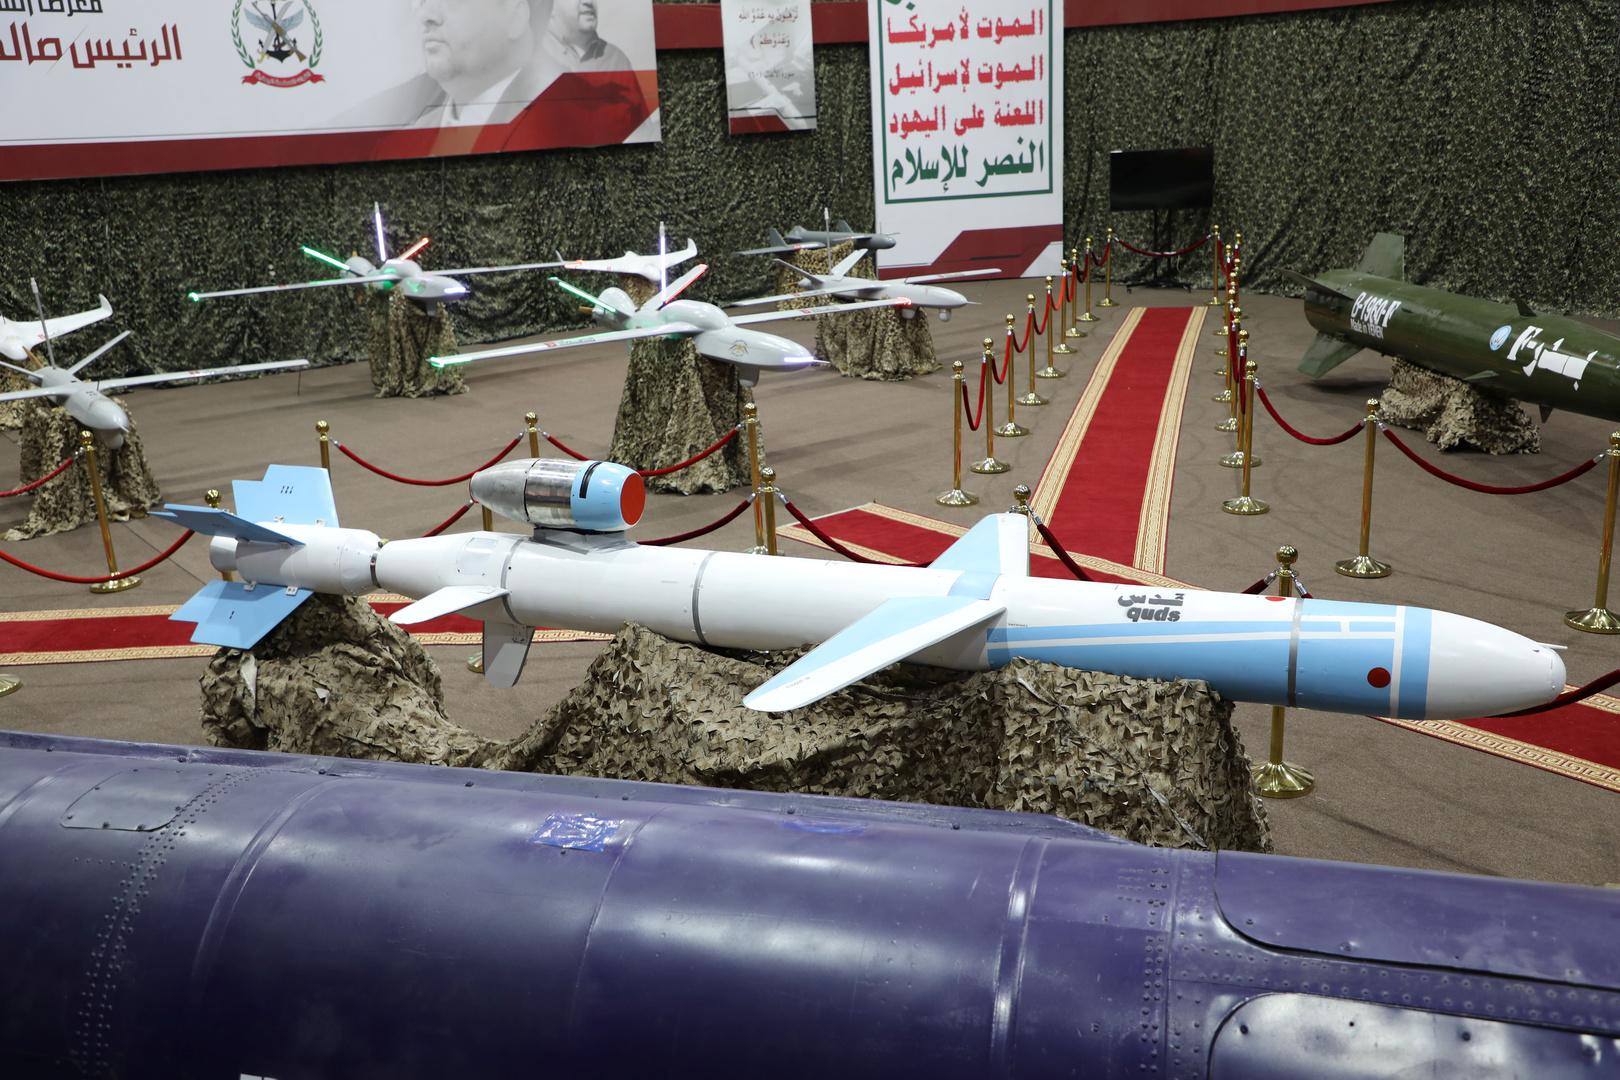 المتحدث باسم الجيش الإيراني: سوريا طلبت منا تعزيز قدرة مضاداتها الدفاعية ونحن نعمل على ذلك